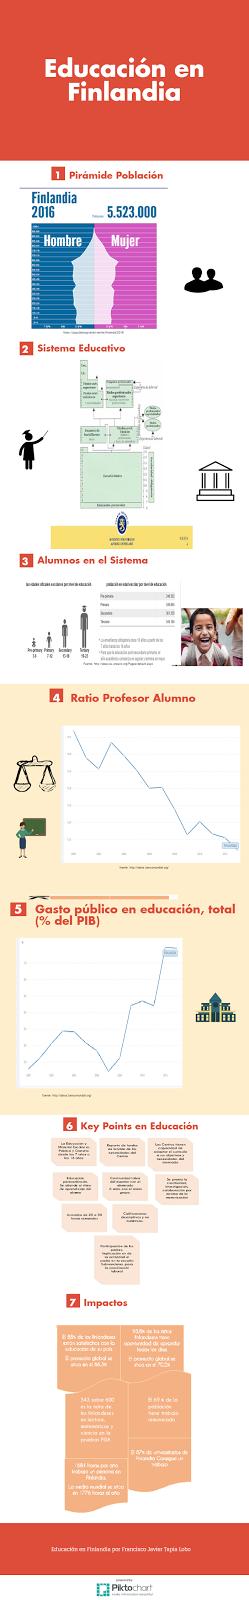 infografía educacion en finlandia por Francisco Javier Tapia